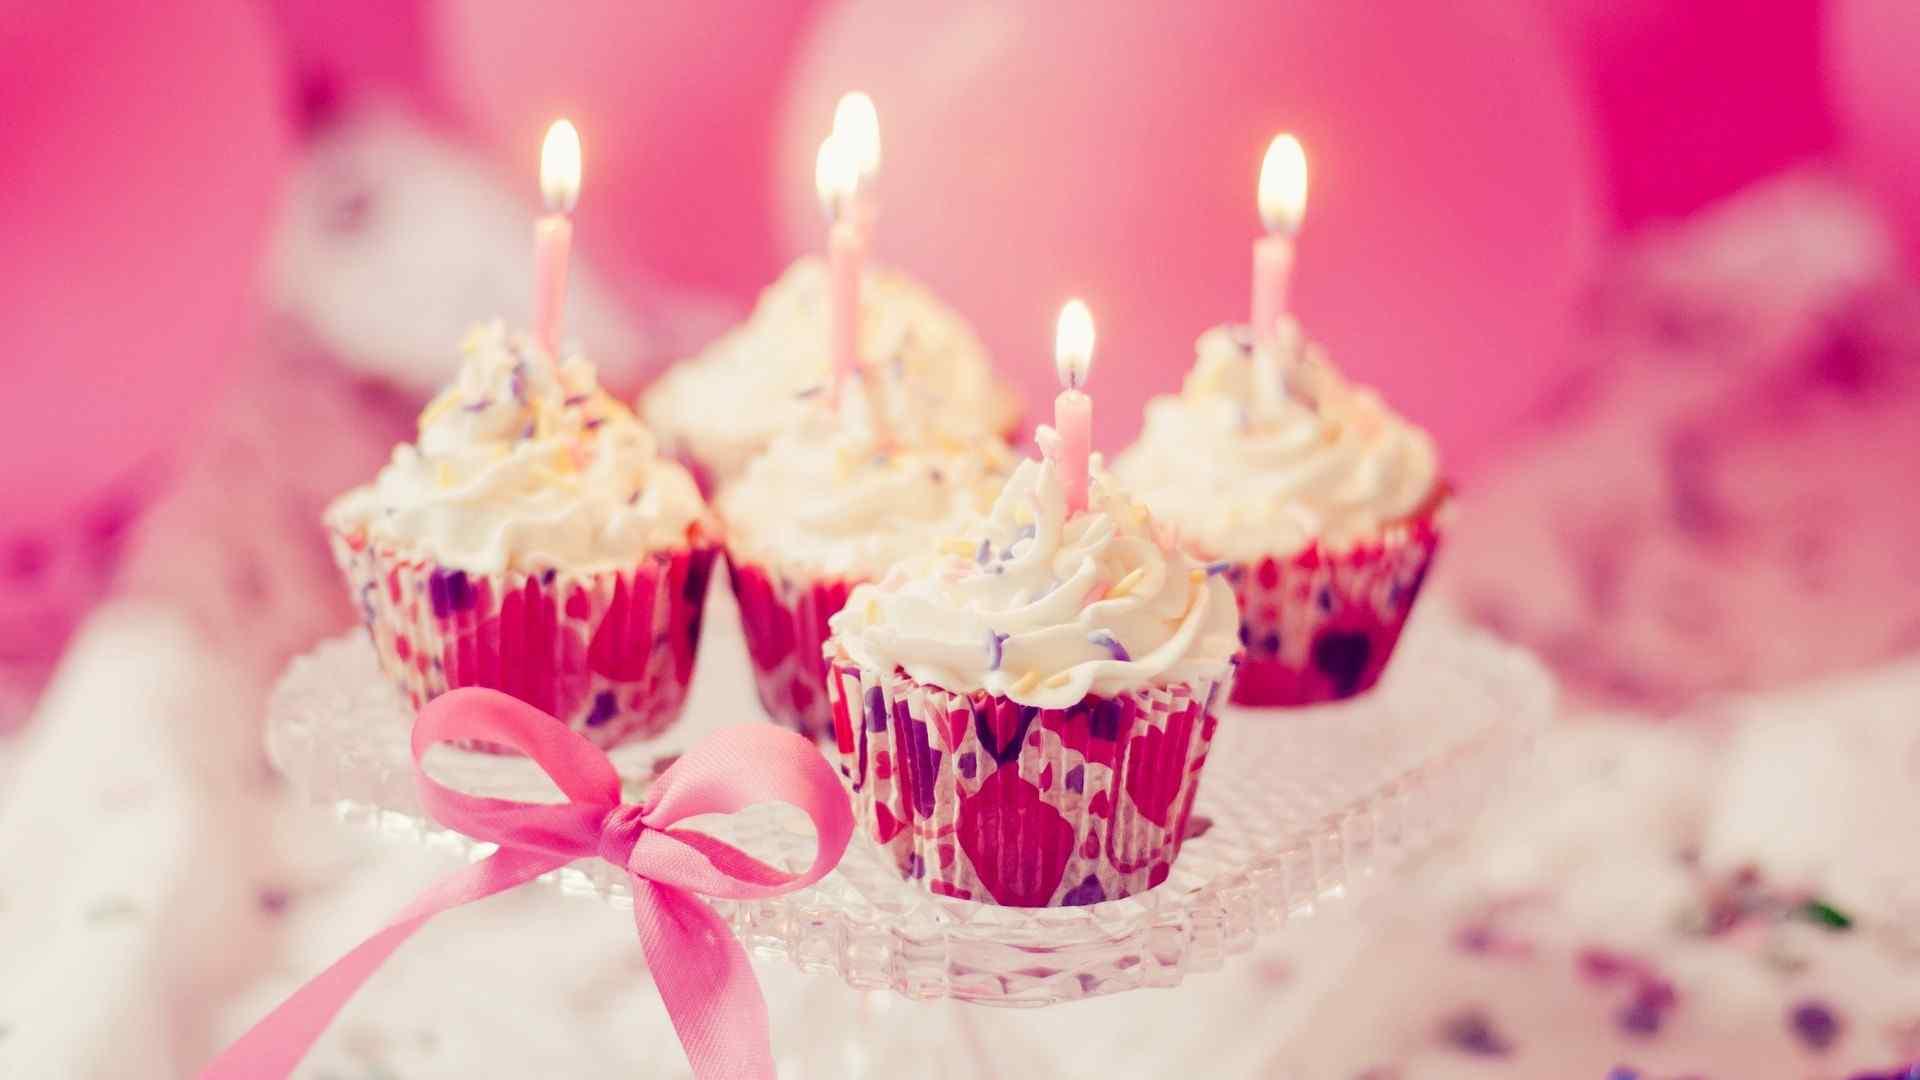 梦幻少女心奶油生日蛋糕桌面壁纸